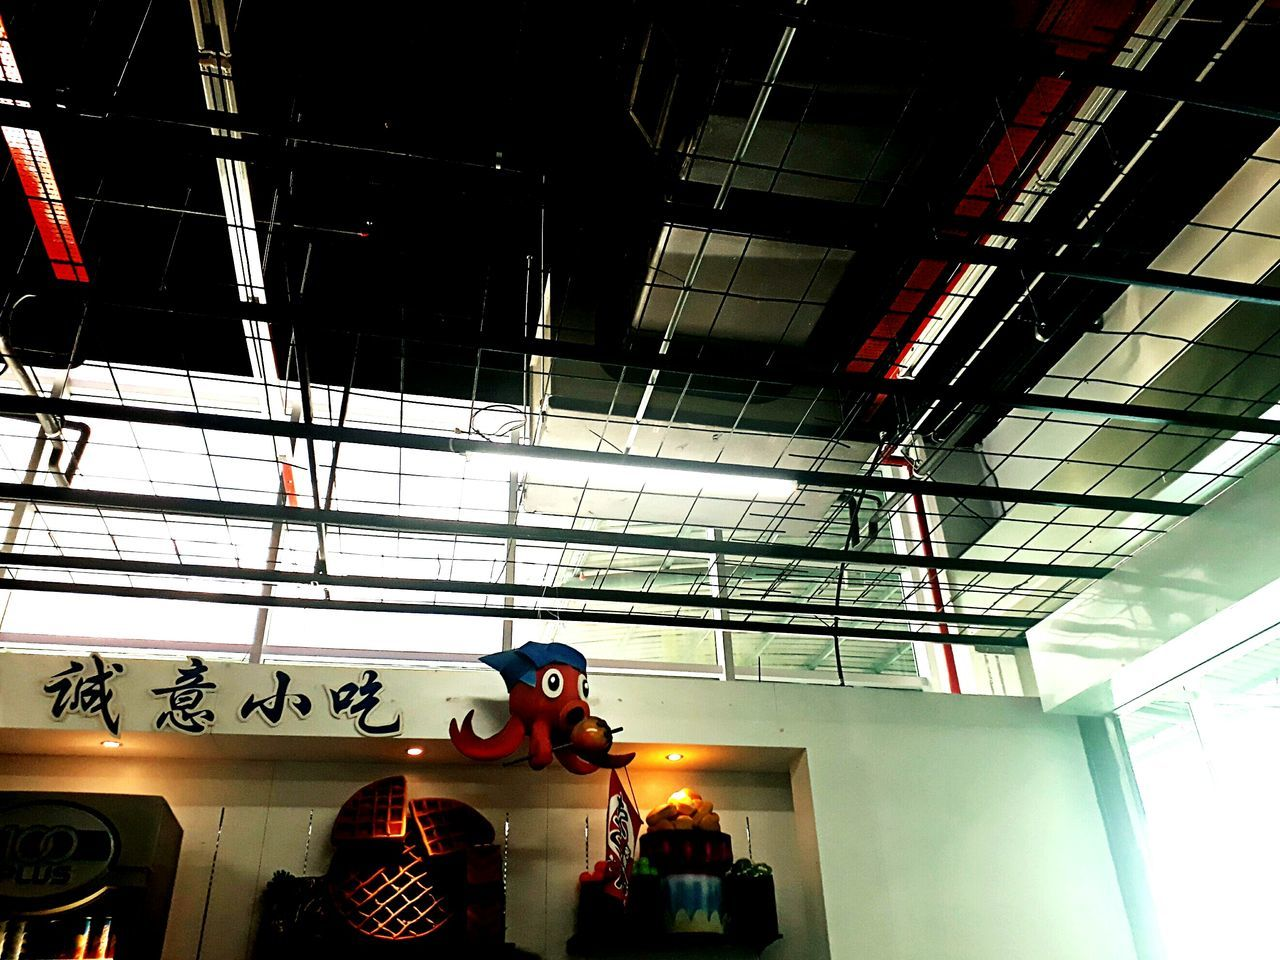 Tako Tako Shop Takoyaki Ball Light And Shadows Signboard Mall